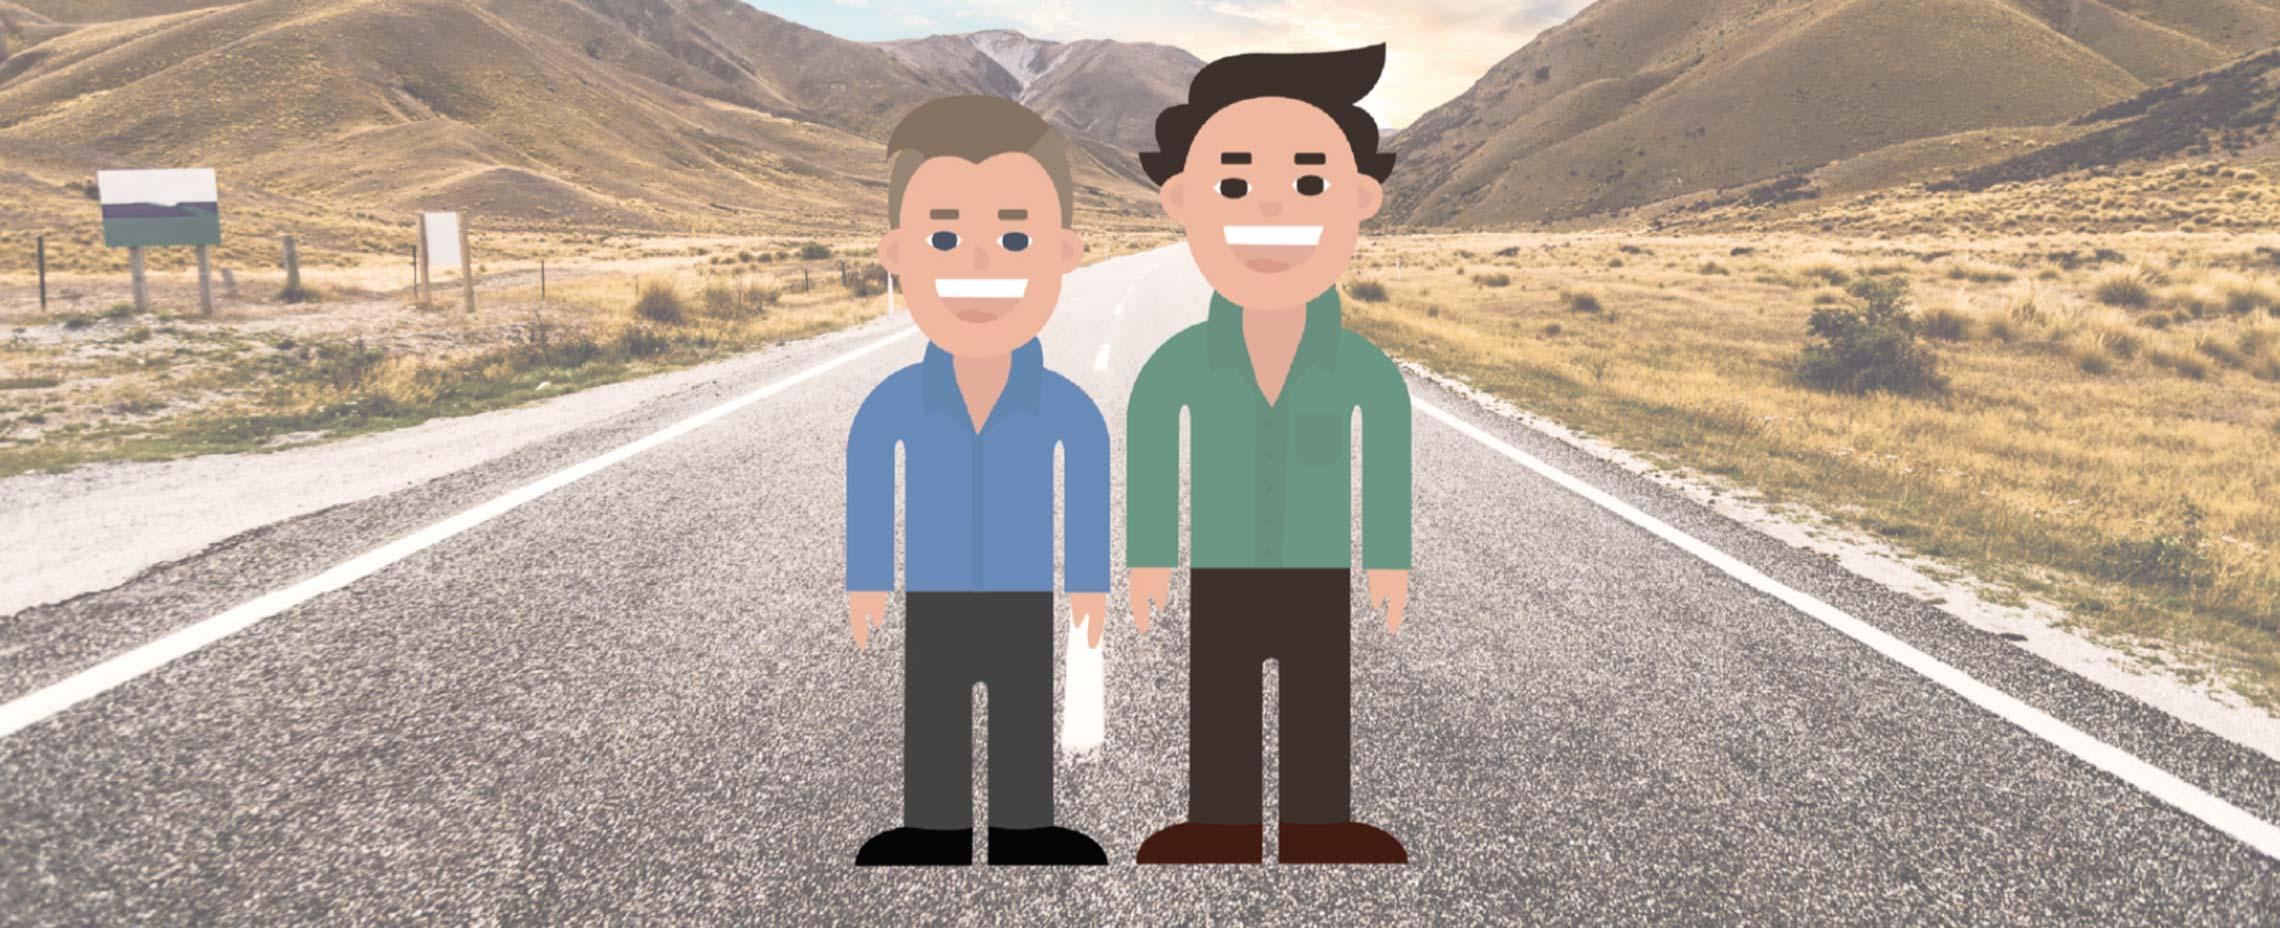 Toekomstmakers - cartoon | Bijzonderdag